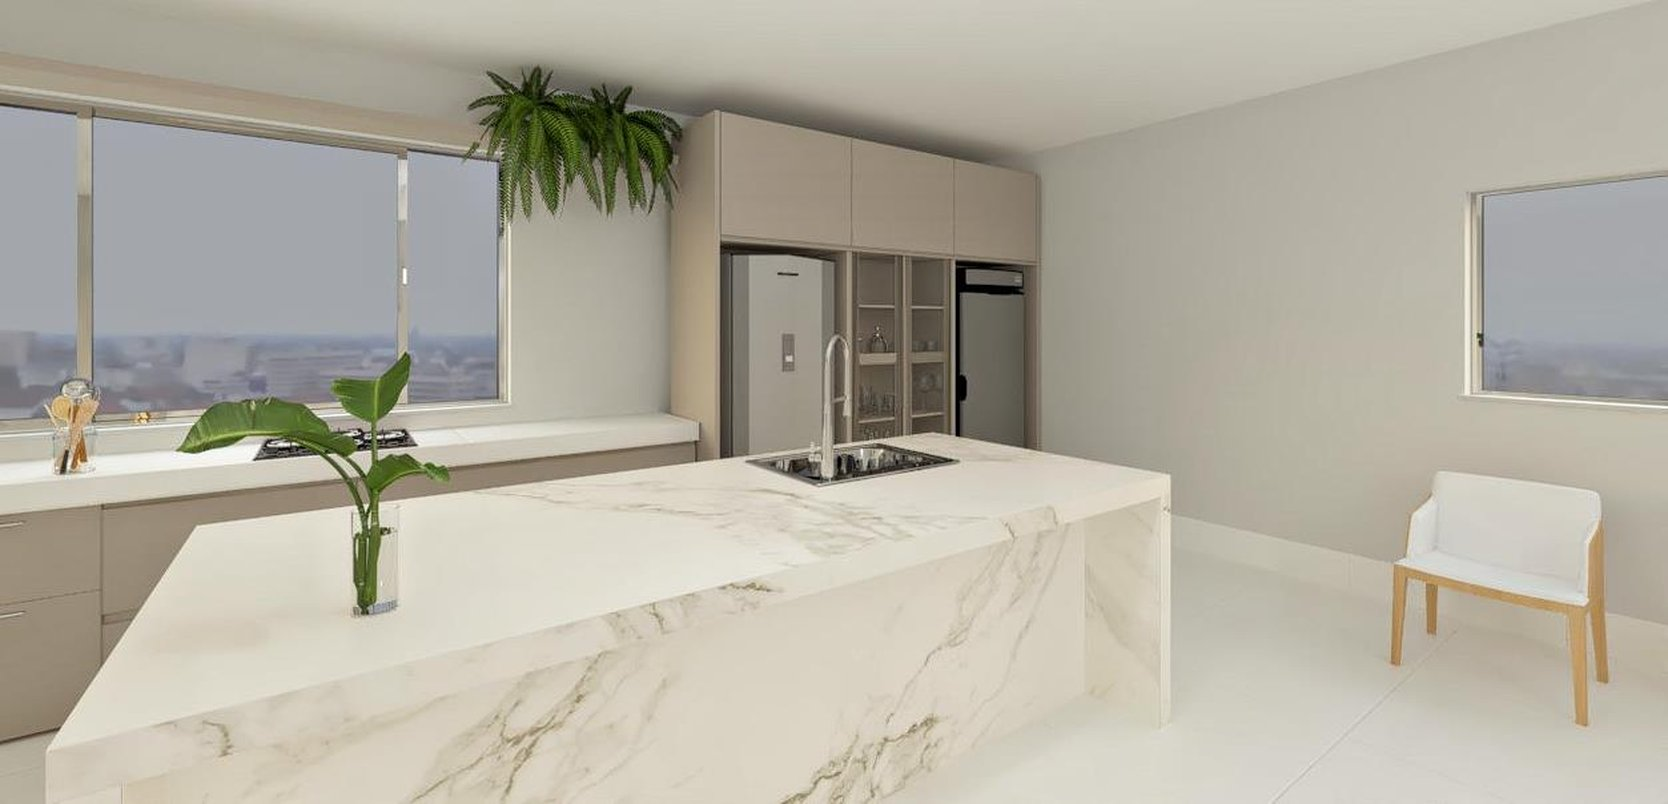 Cozinha gourmet com ilha central feita na lastra 120x240